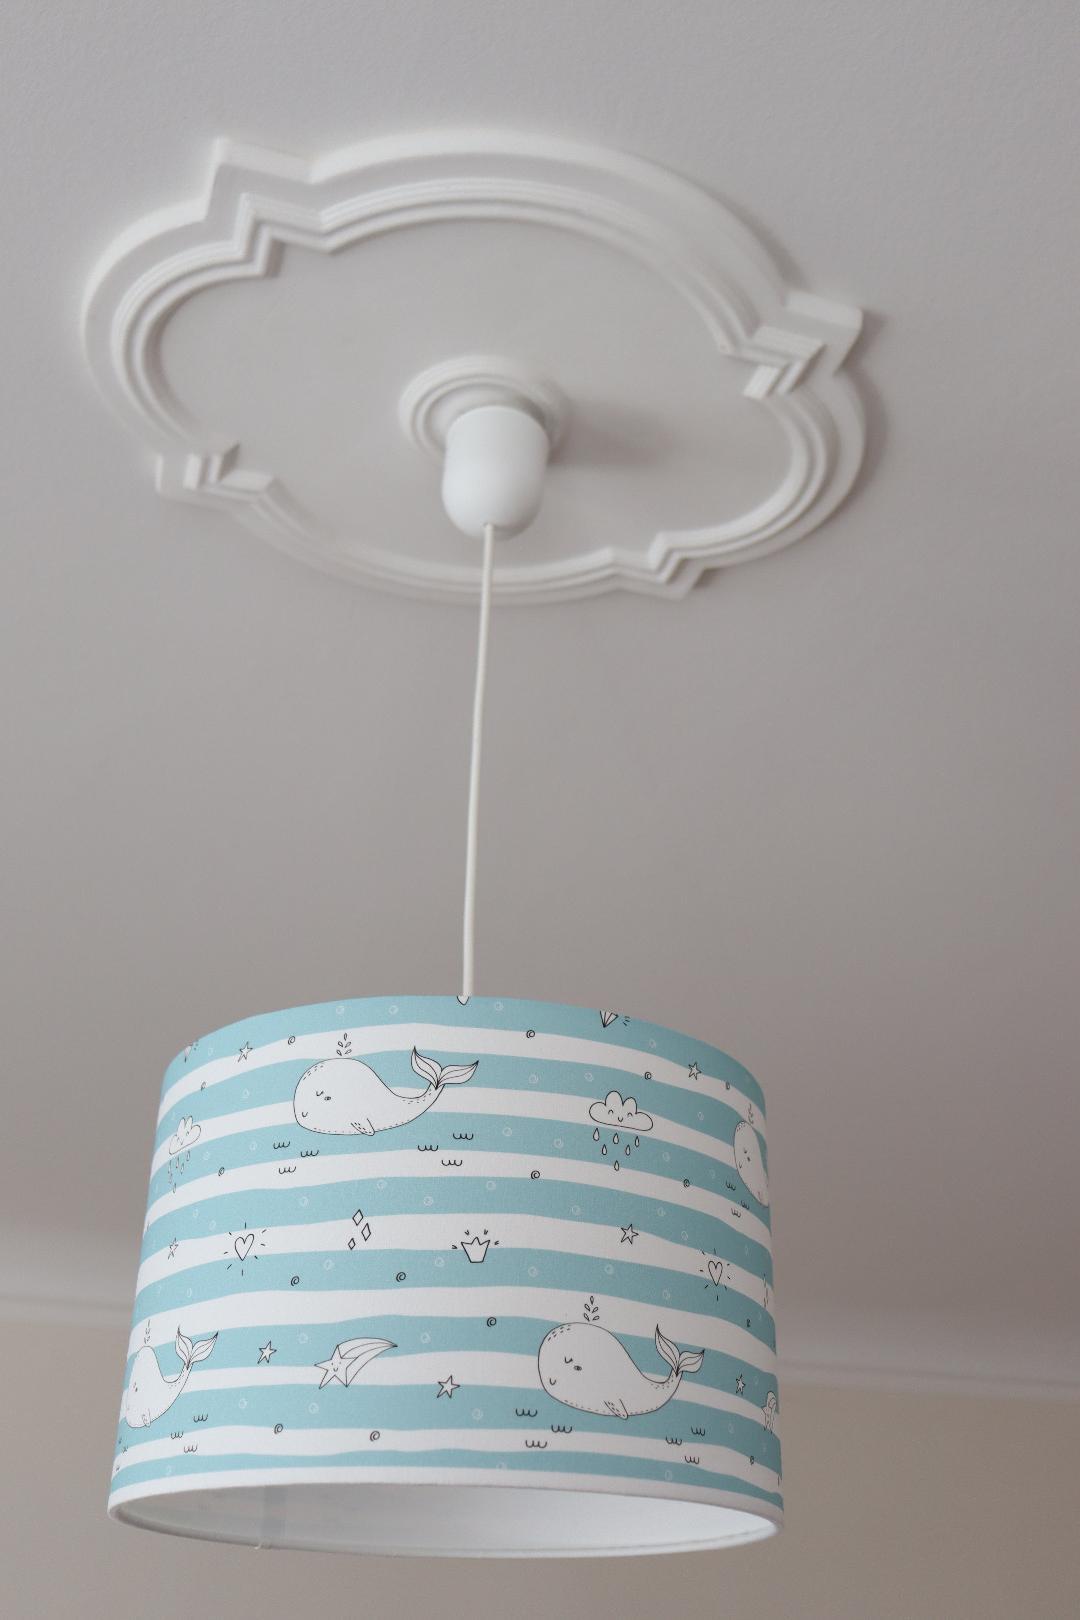 Full Size of Lampenschirm Kinderzimmer Wale Mint Deckenleuchte Streifen Regale Regal Weiß Deckenlampen Wohnzimmer Modern Sofa Für Kinderzimmer Deckenlampen Kinderzimmer